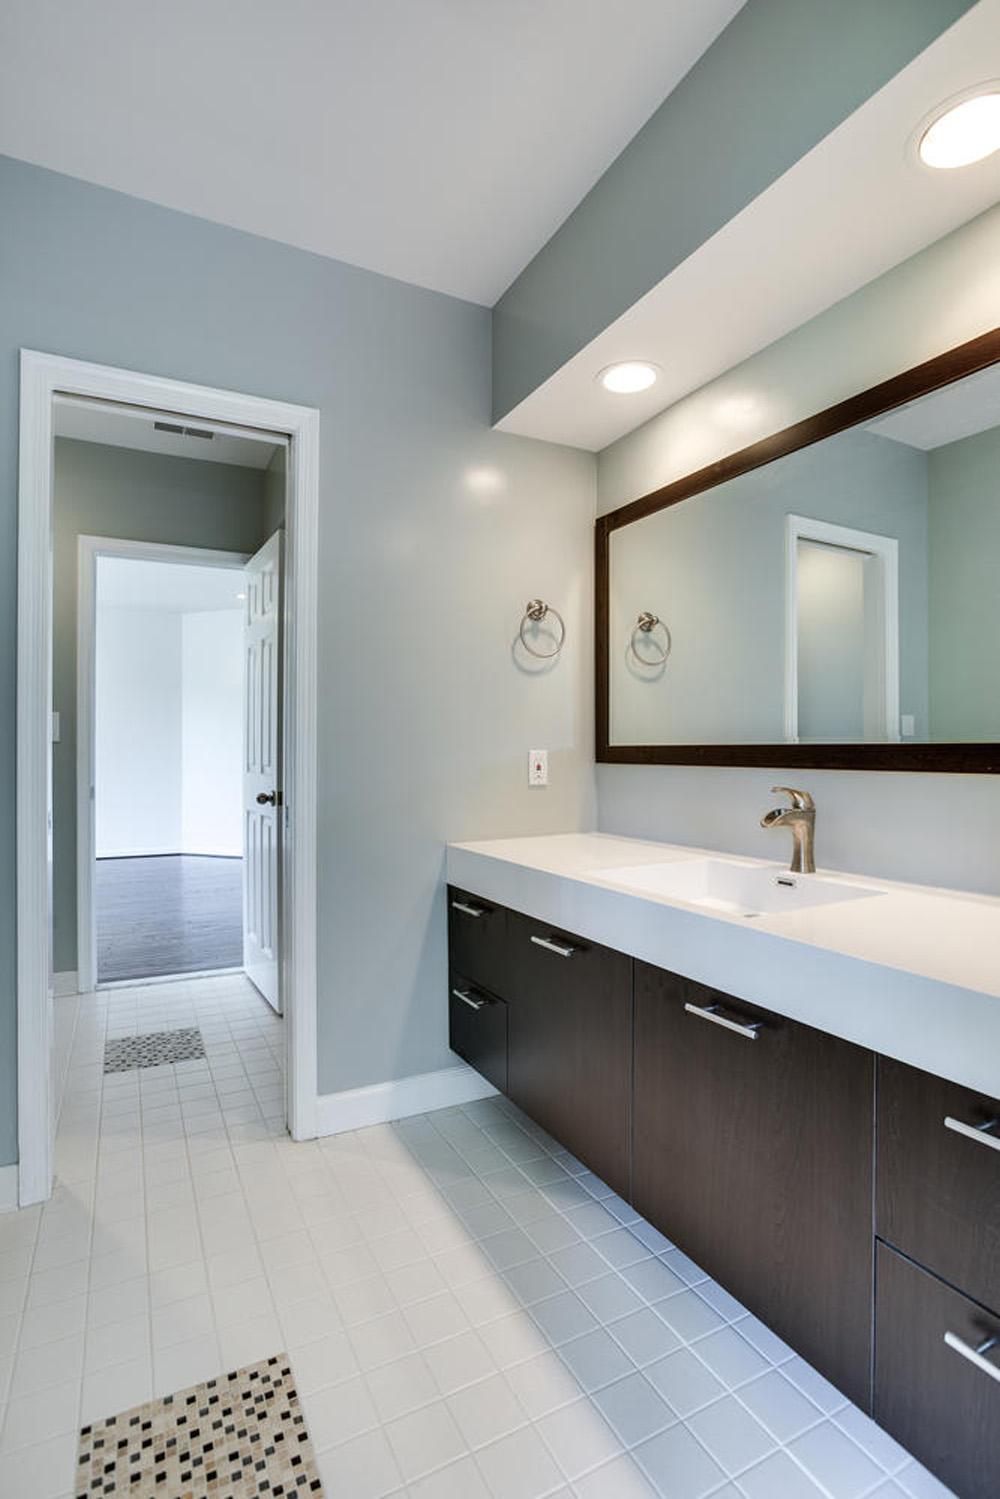 4112-Everett-St-Kensington-MD-large-061-4-Jack-an-Jill-Bathroom-667x1000-72dpi